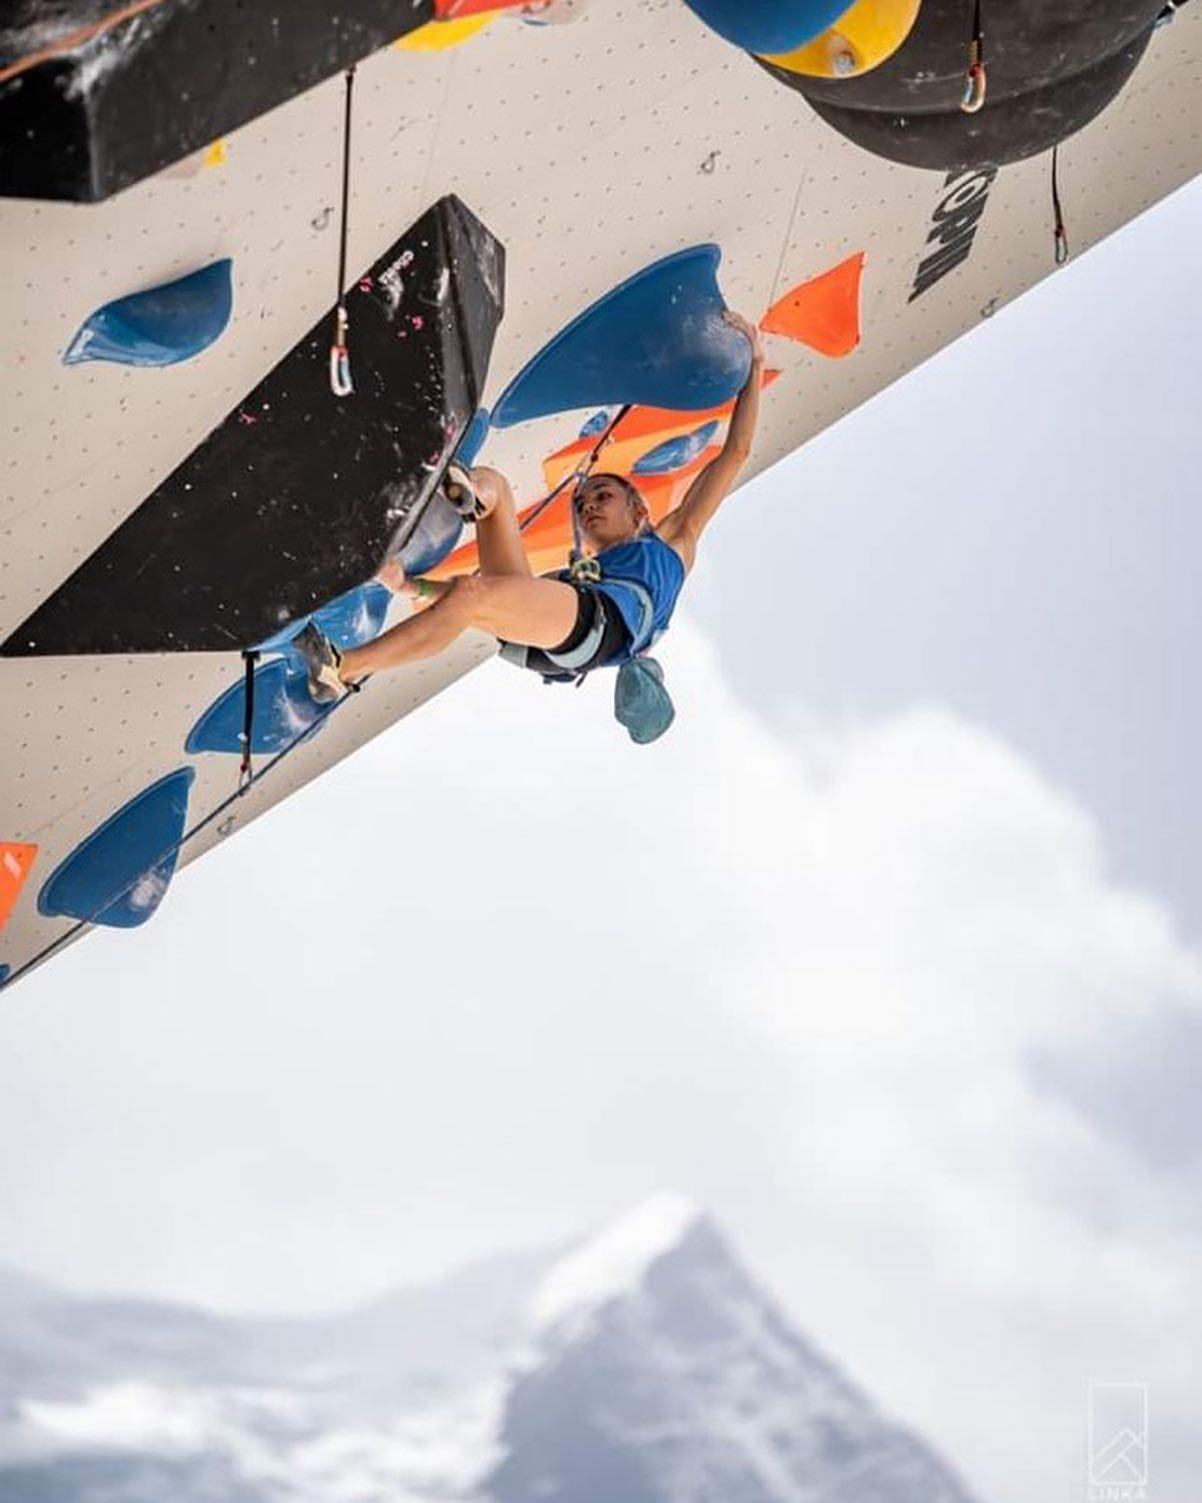 Nos grimpeuses du teamVertical'Art ont bien représenté nos couleurs lors de la Coupe du monde de difficulté de Chamonix. En photo, Nolwenn Arc (team VA), qui a été exceptionnelle en terminant aux portes de la finale